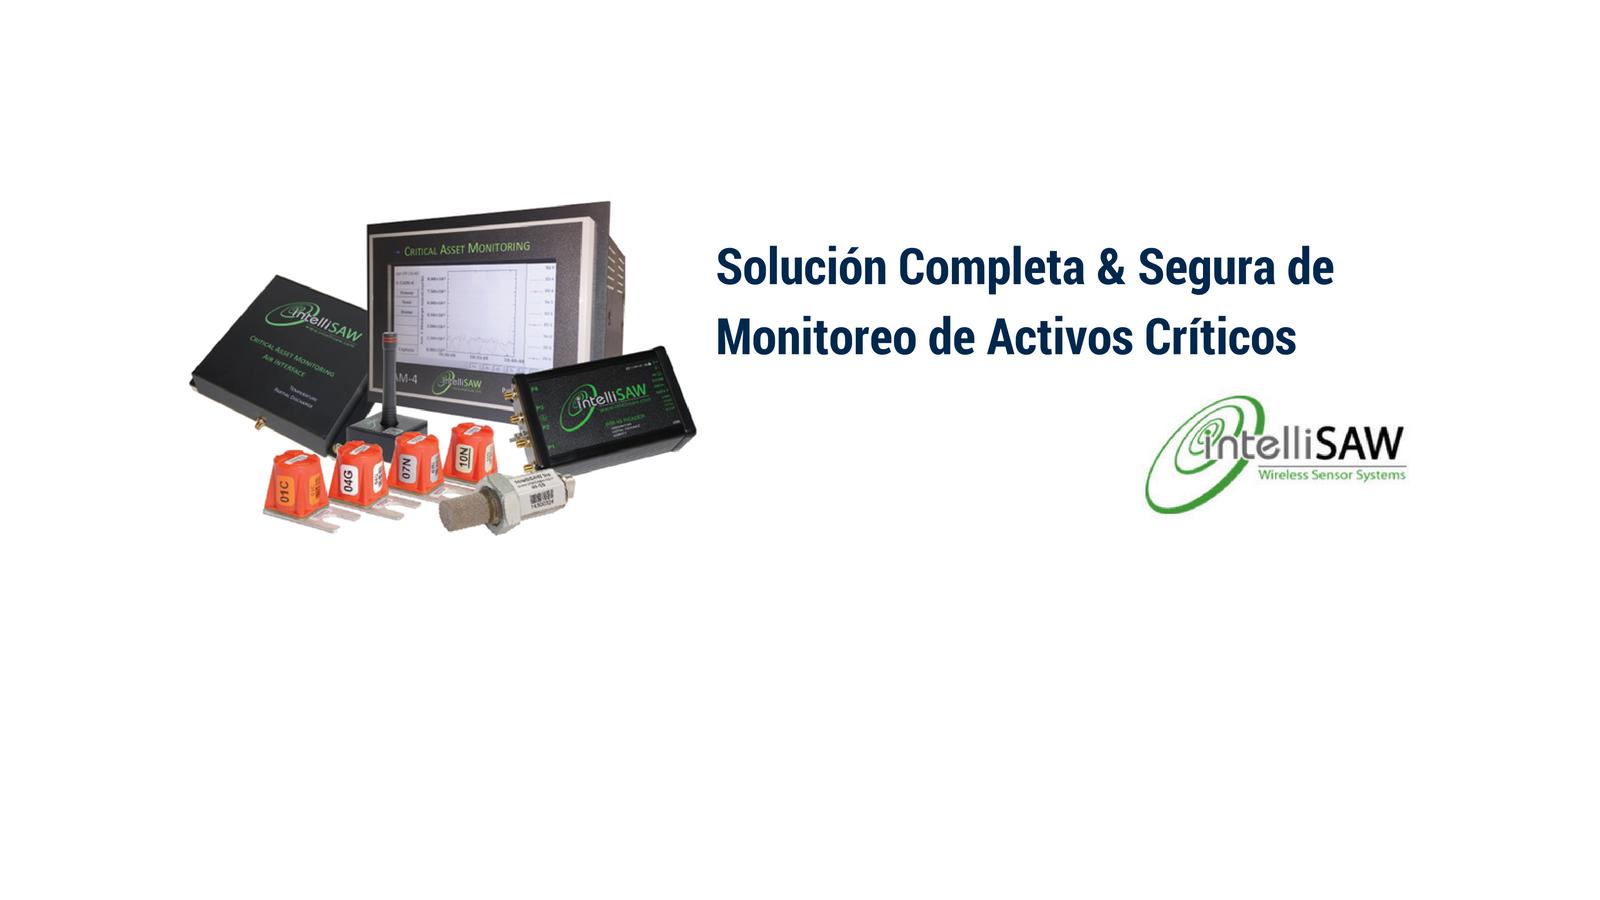 Monitoreo de Activos Críticos